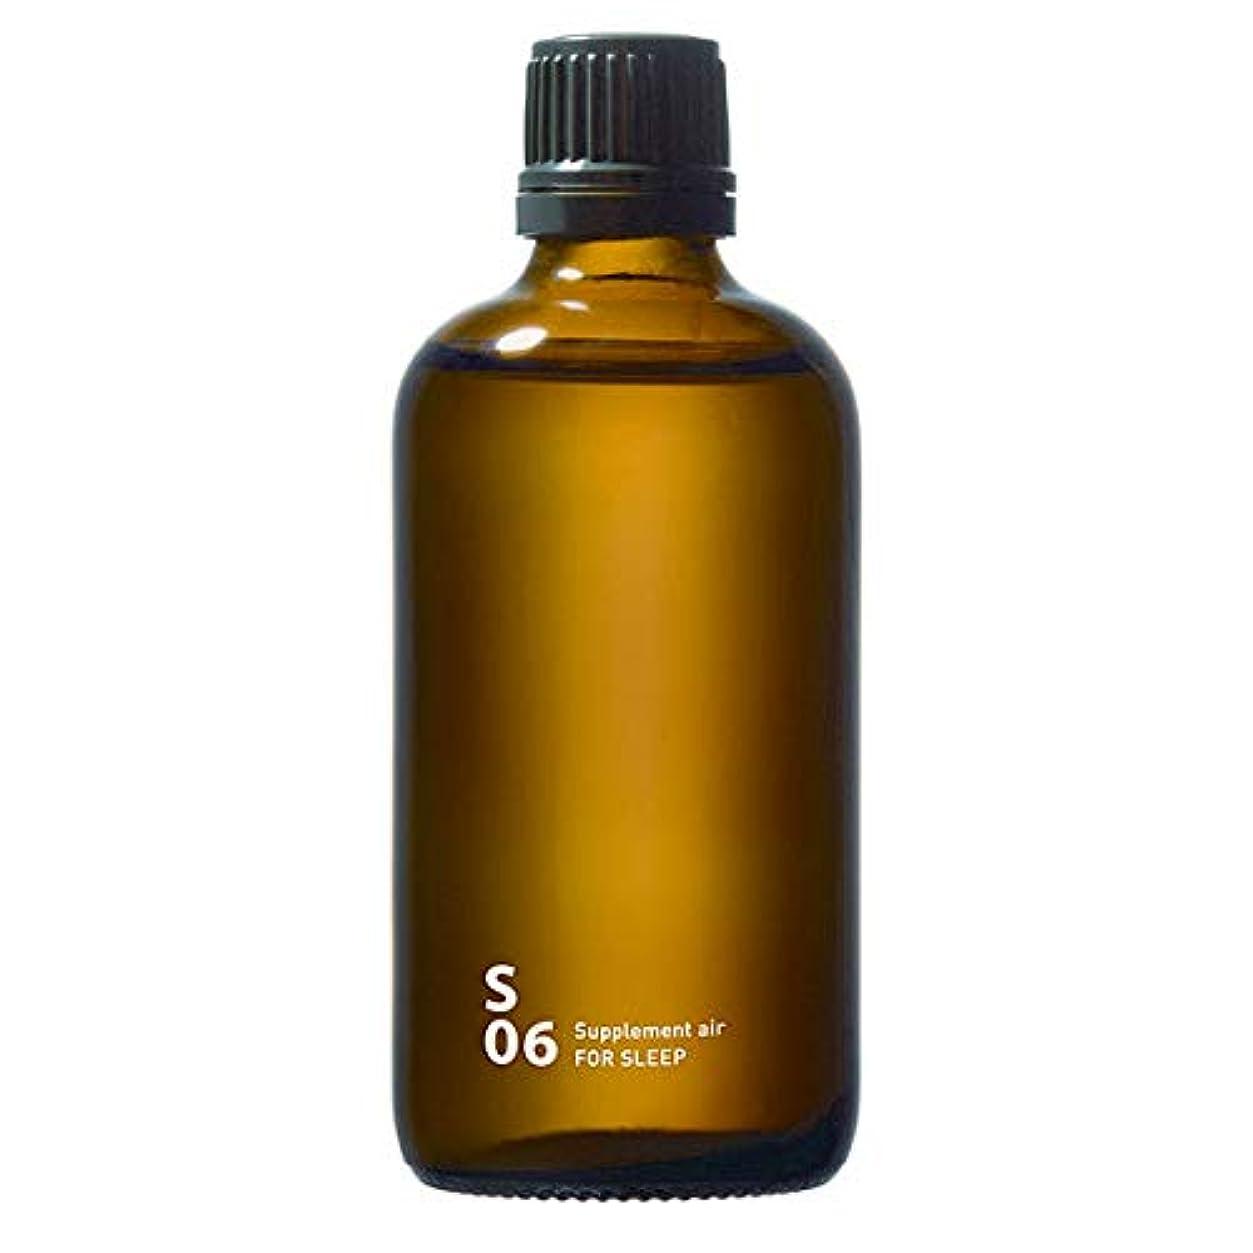 お香許可懐疑的S06 FOR SLEEP piezo aroma oil 100ml